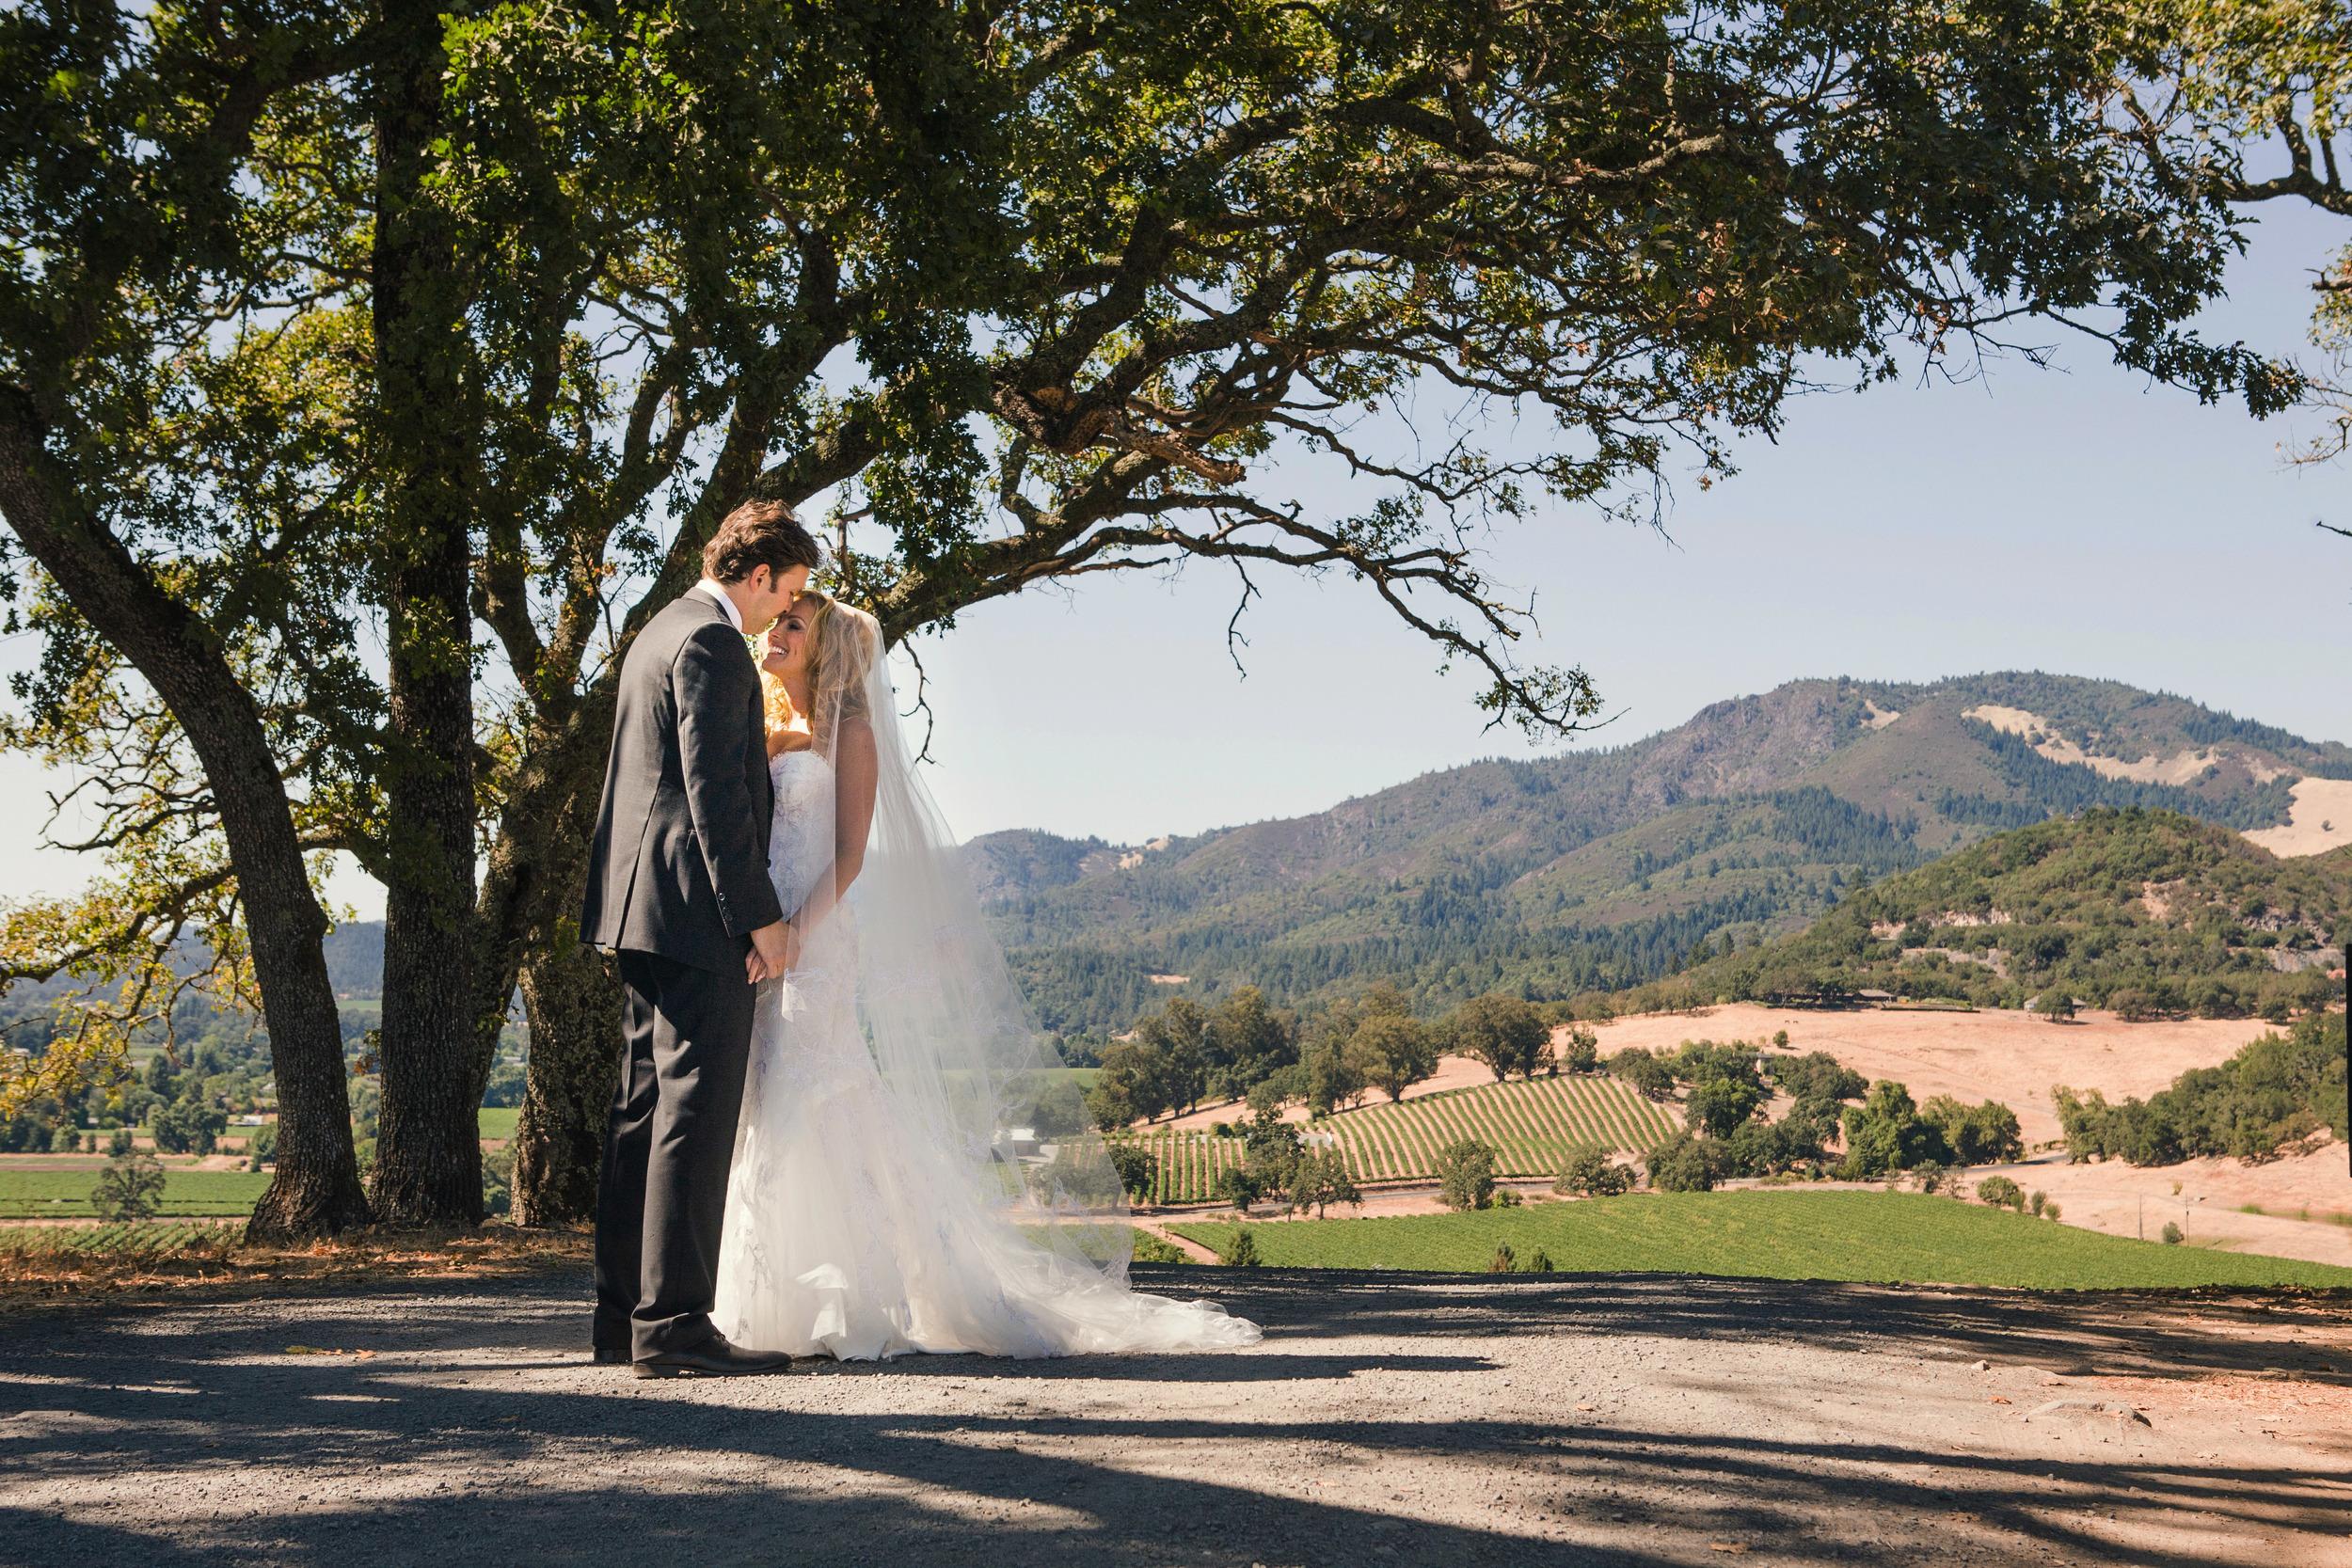 11. napa wedding, vineyard ceremony, bride & groom with view, artsy bride & groom photo.jpg